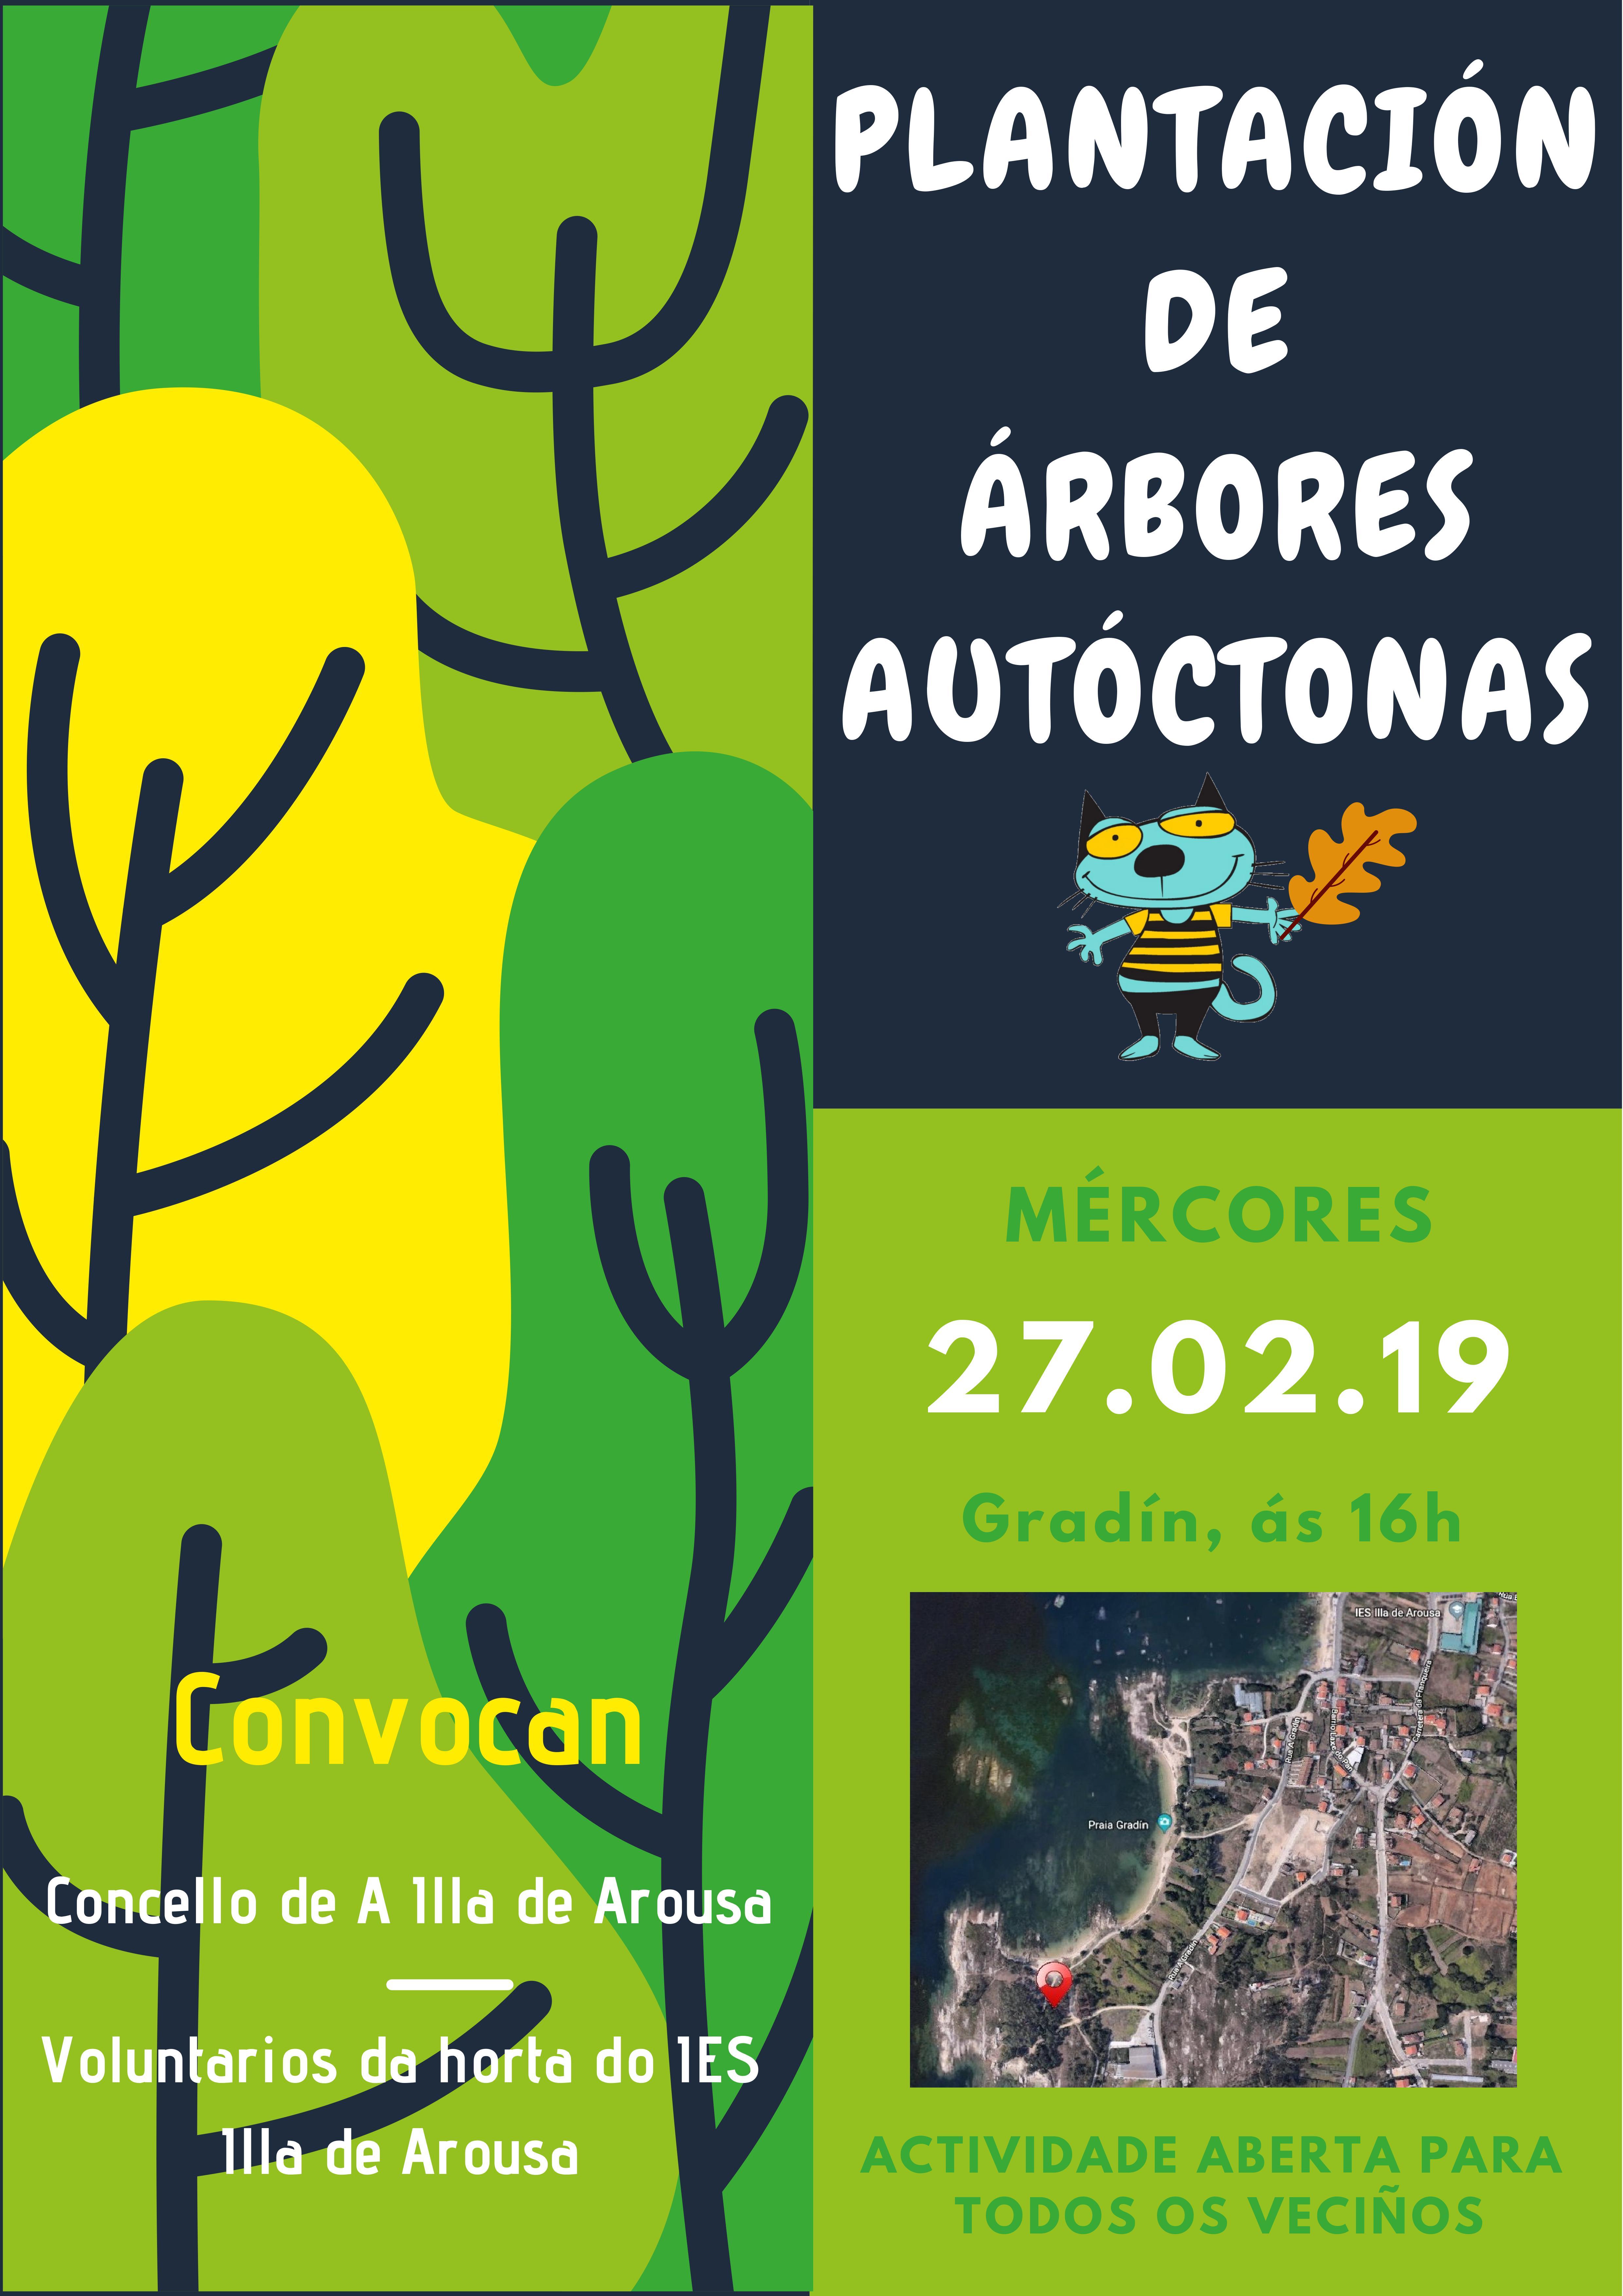 Plantación de Árbores Autoctonas